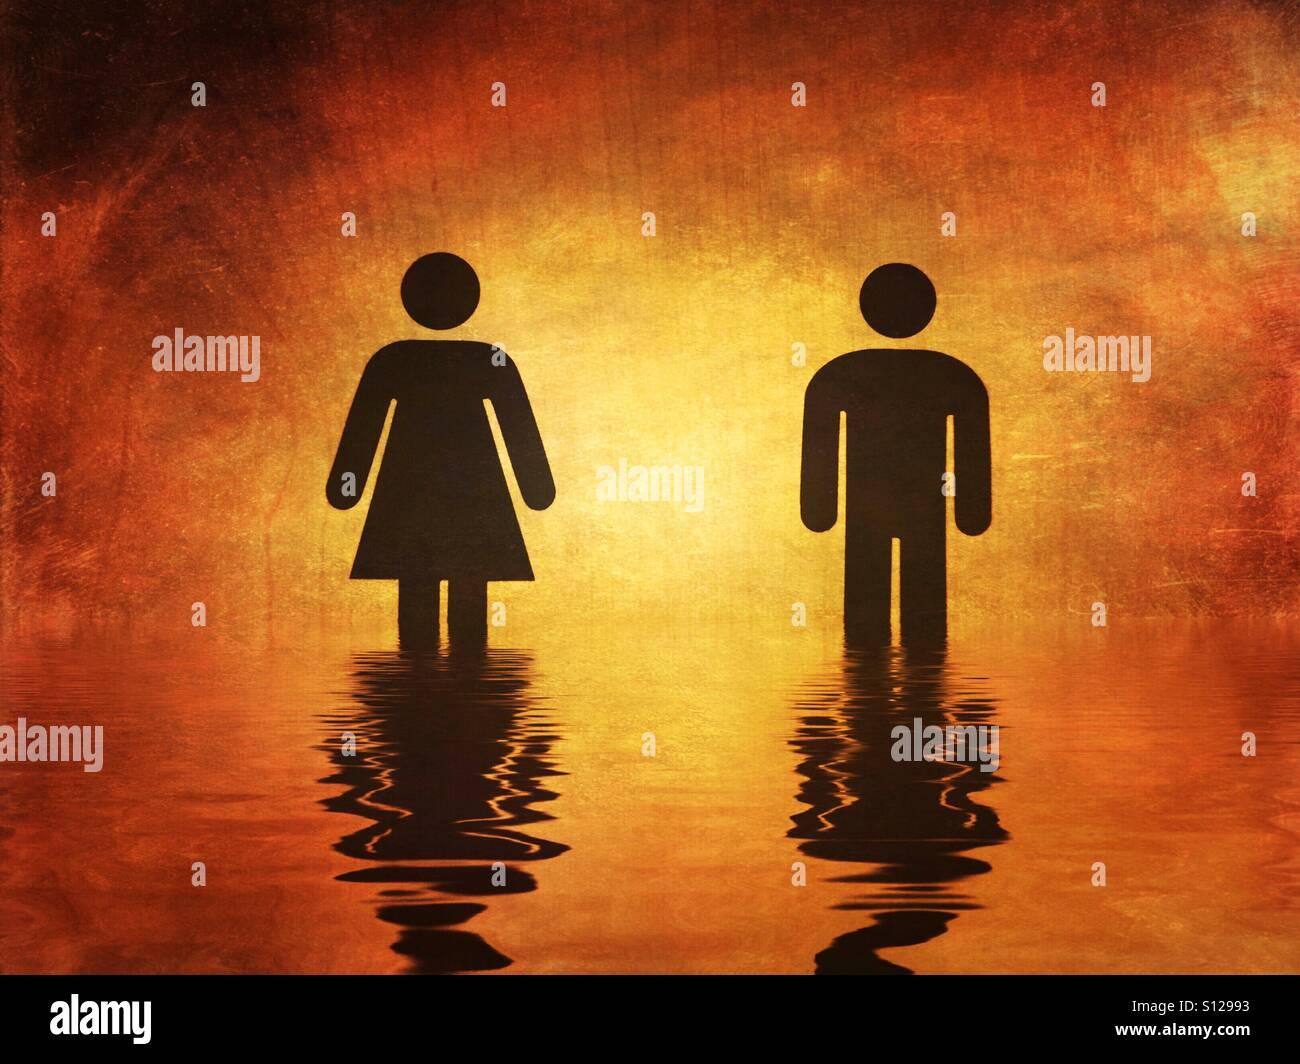 Mujer y hombre símbolo con efecto de reflejo de agua añadida Imagen De Stock